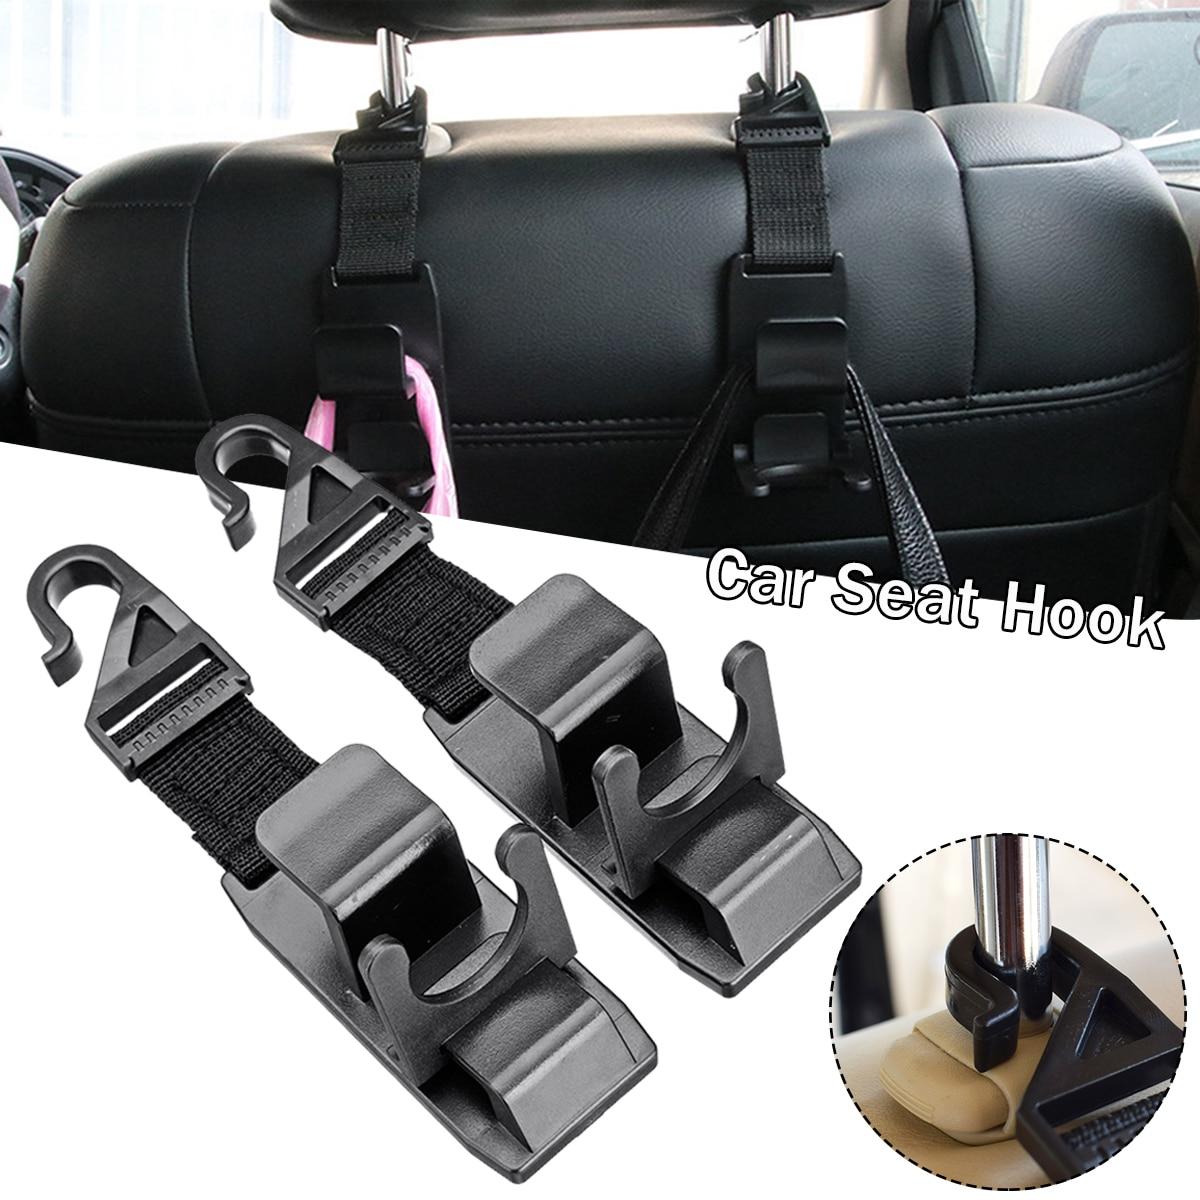 2 pièces Auto siège de voiture camion manteau crochet sac à main sac cintre suspendu support organisateur